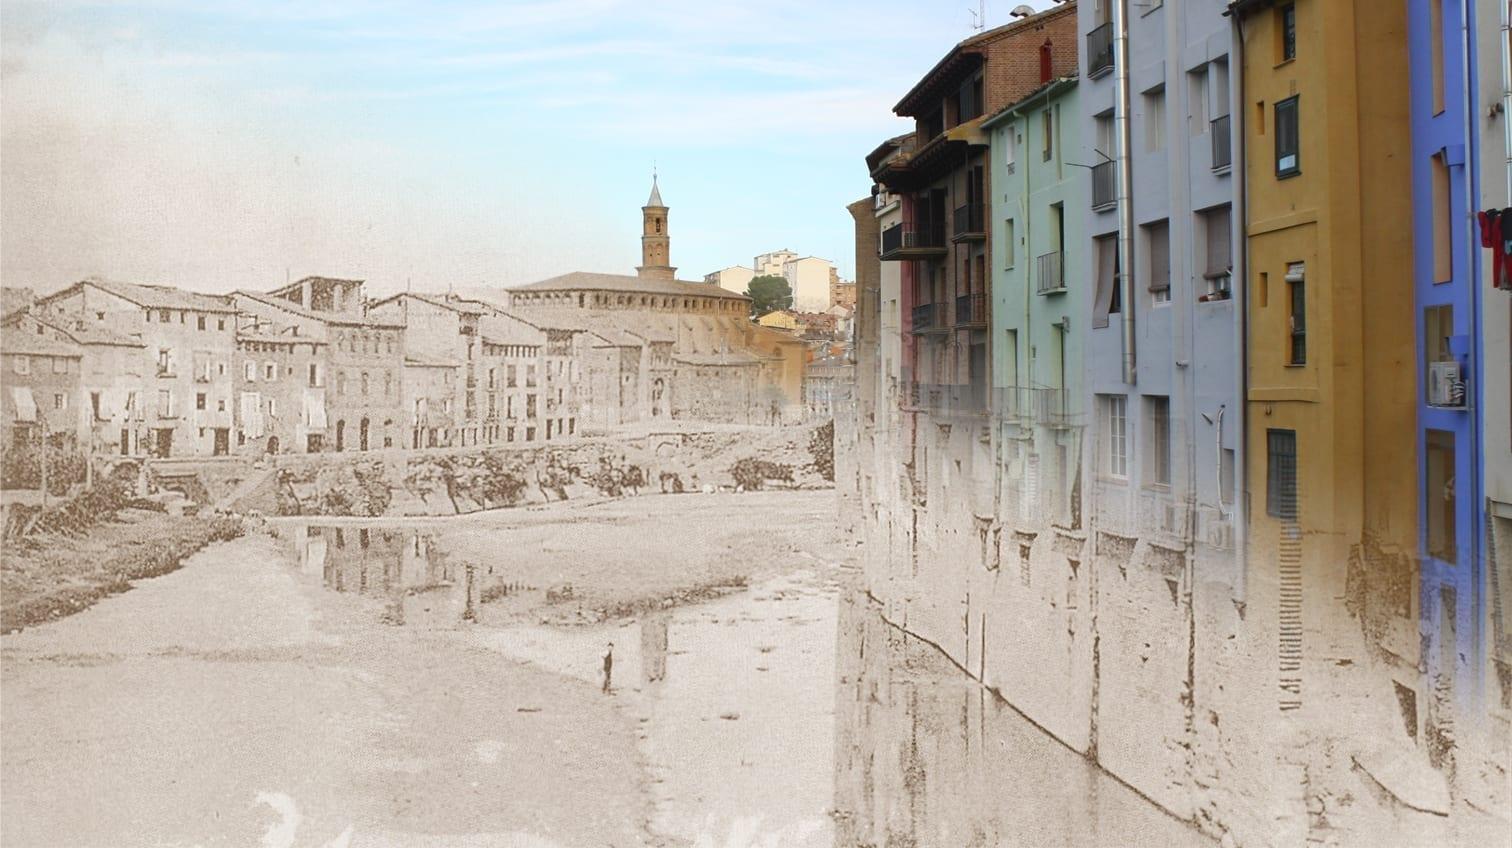 El río Vero en Barbastro, de 1930 a 2012 Barbastro España